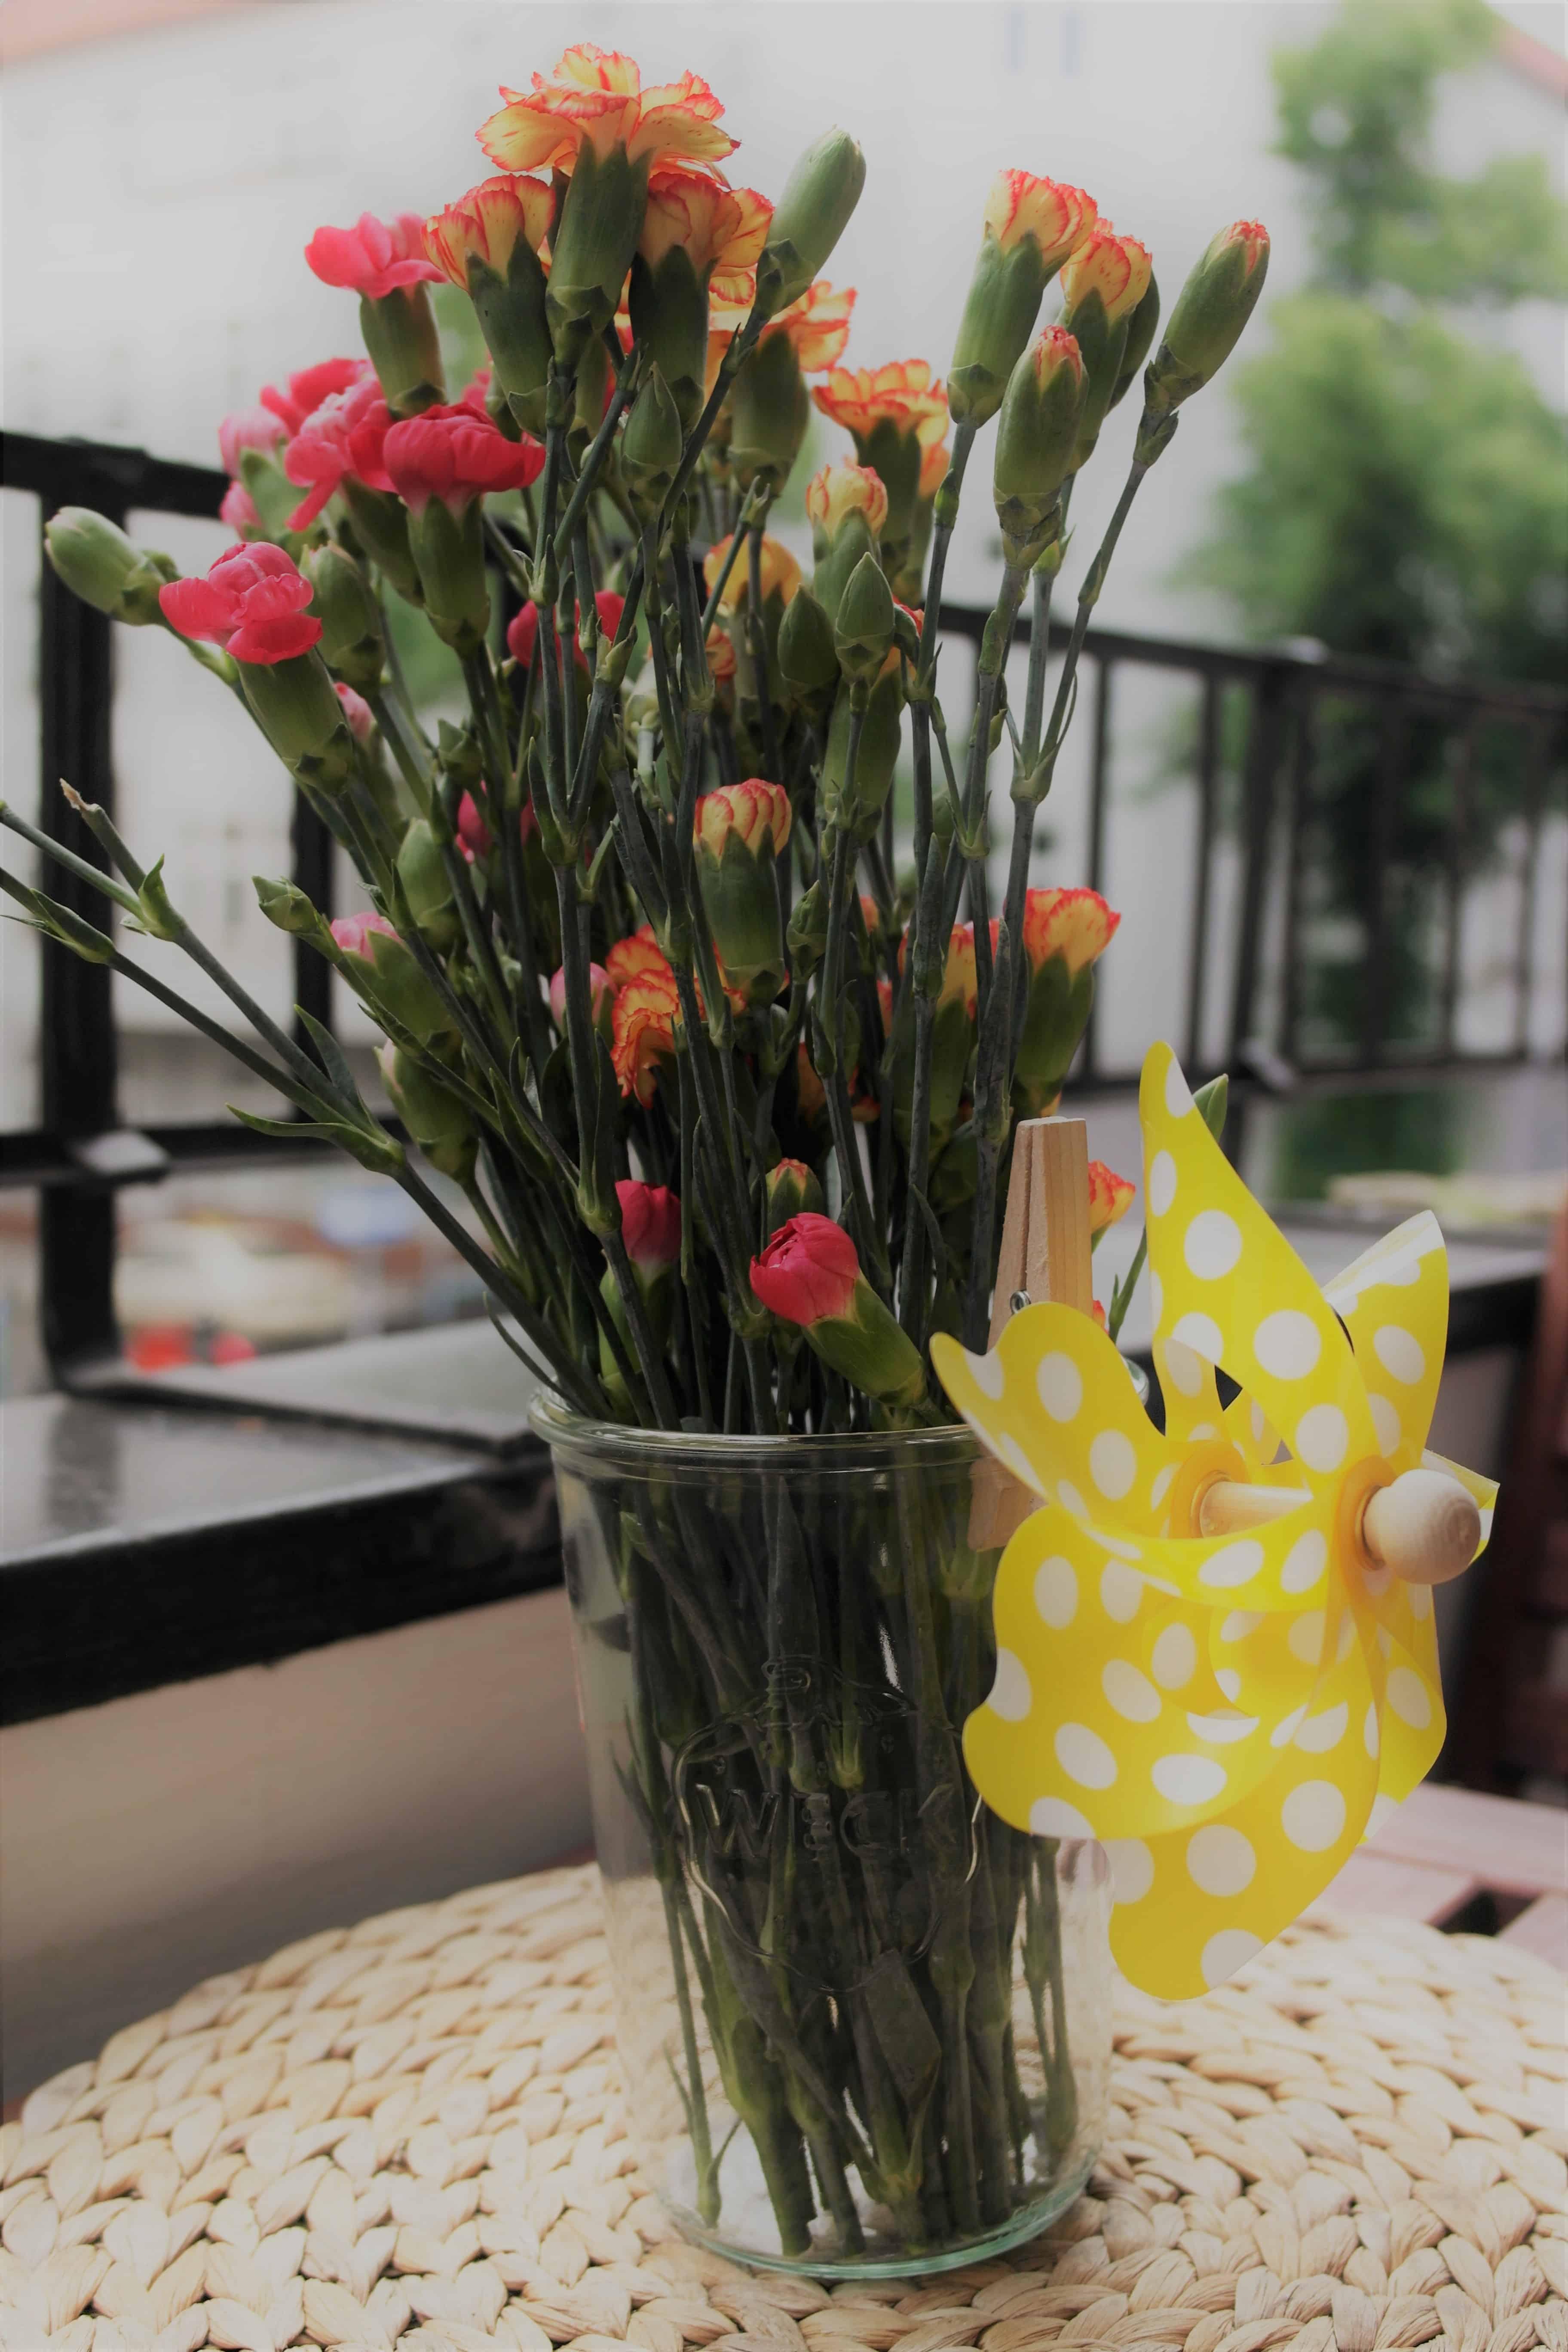 Das Weckglas als Vase für Blumen und Pflanzen nutzen